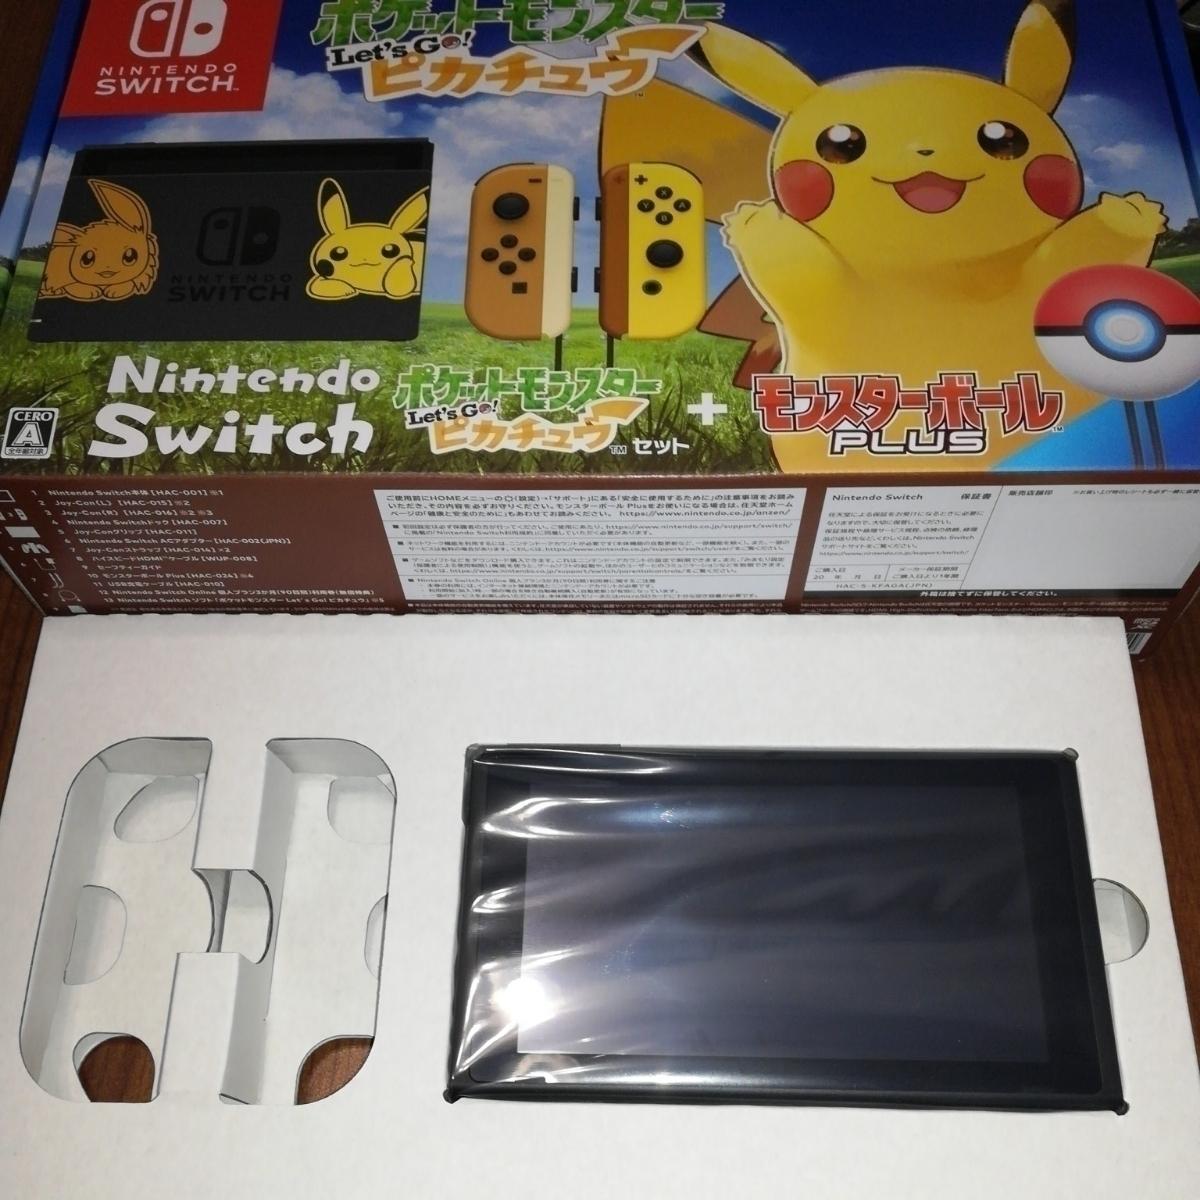 ★1円~ ニンテンドースイッチ Nintendo Switch ポケットモンスター Let's Go!ピカチュウ 本体のみ DL版ソフト付き 新品未使用★